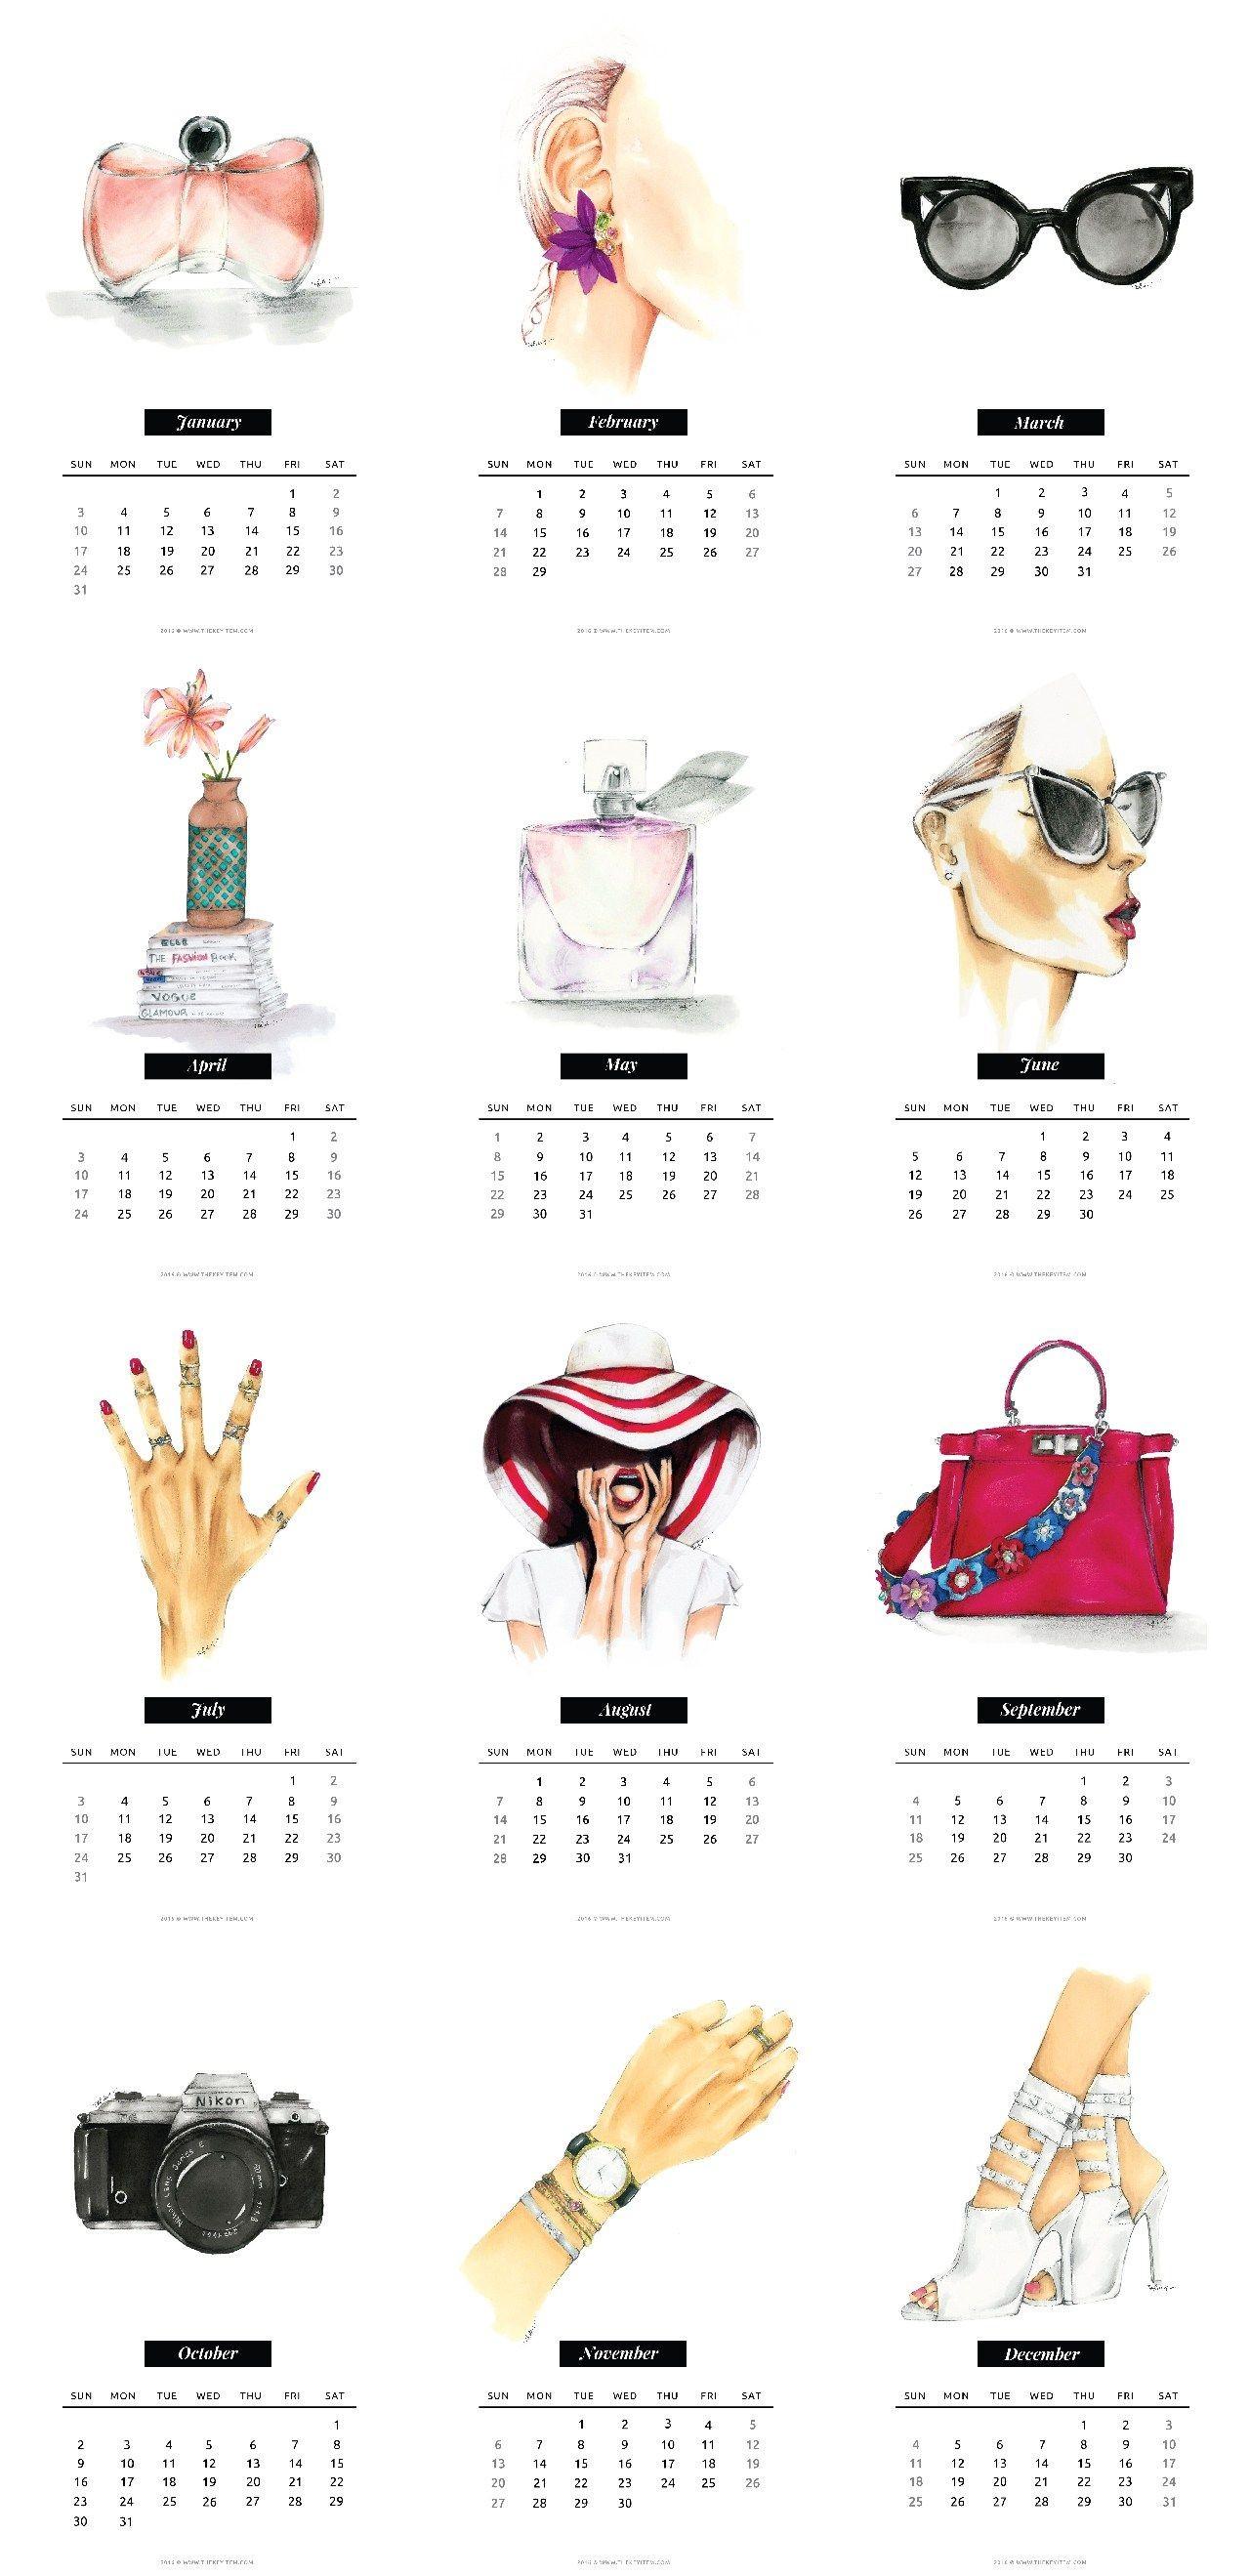 Calendario 2019 Colombia Con Lunas Actual Calendario Ilustrado 2016 Gratis Fashion Illustrations Of Calendario 2019 Colombia Con Lunas Mejores Y Más Novedosos La Importancia De Cortarse El Pelo Segºn Las Fases De La Luna Abril